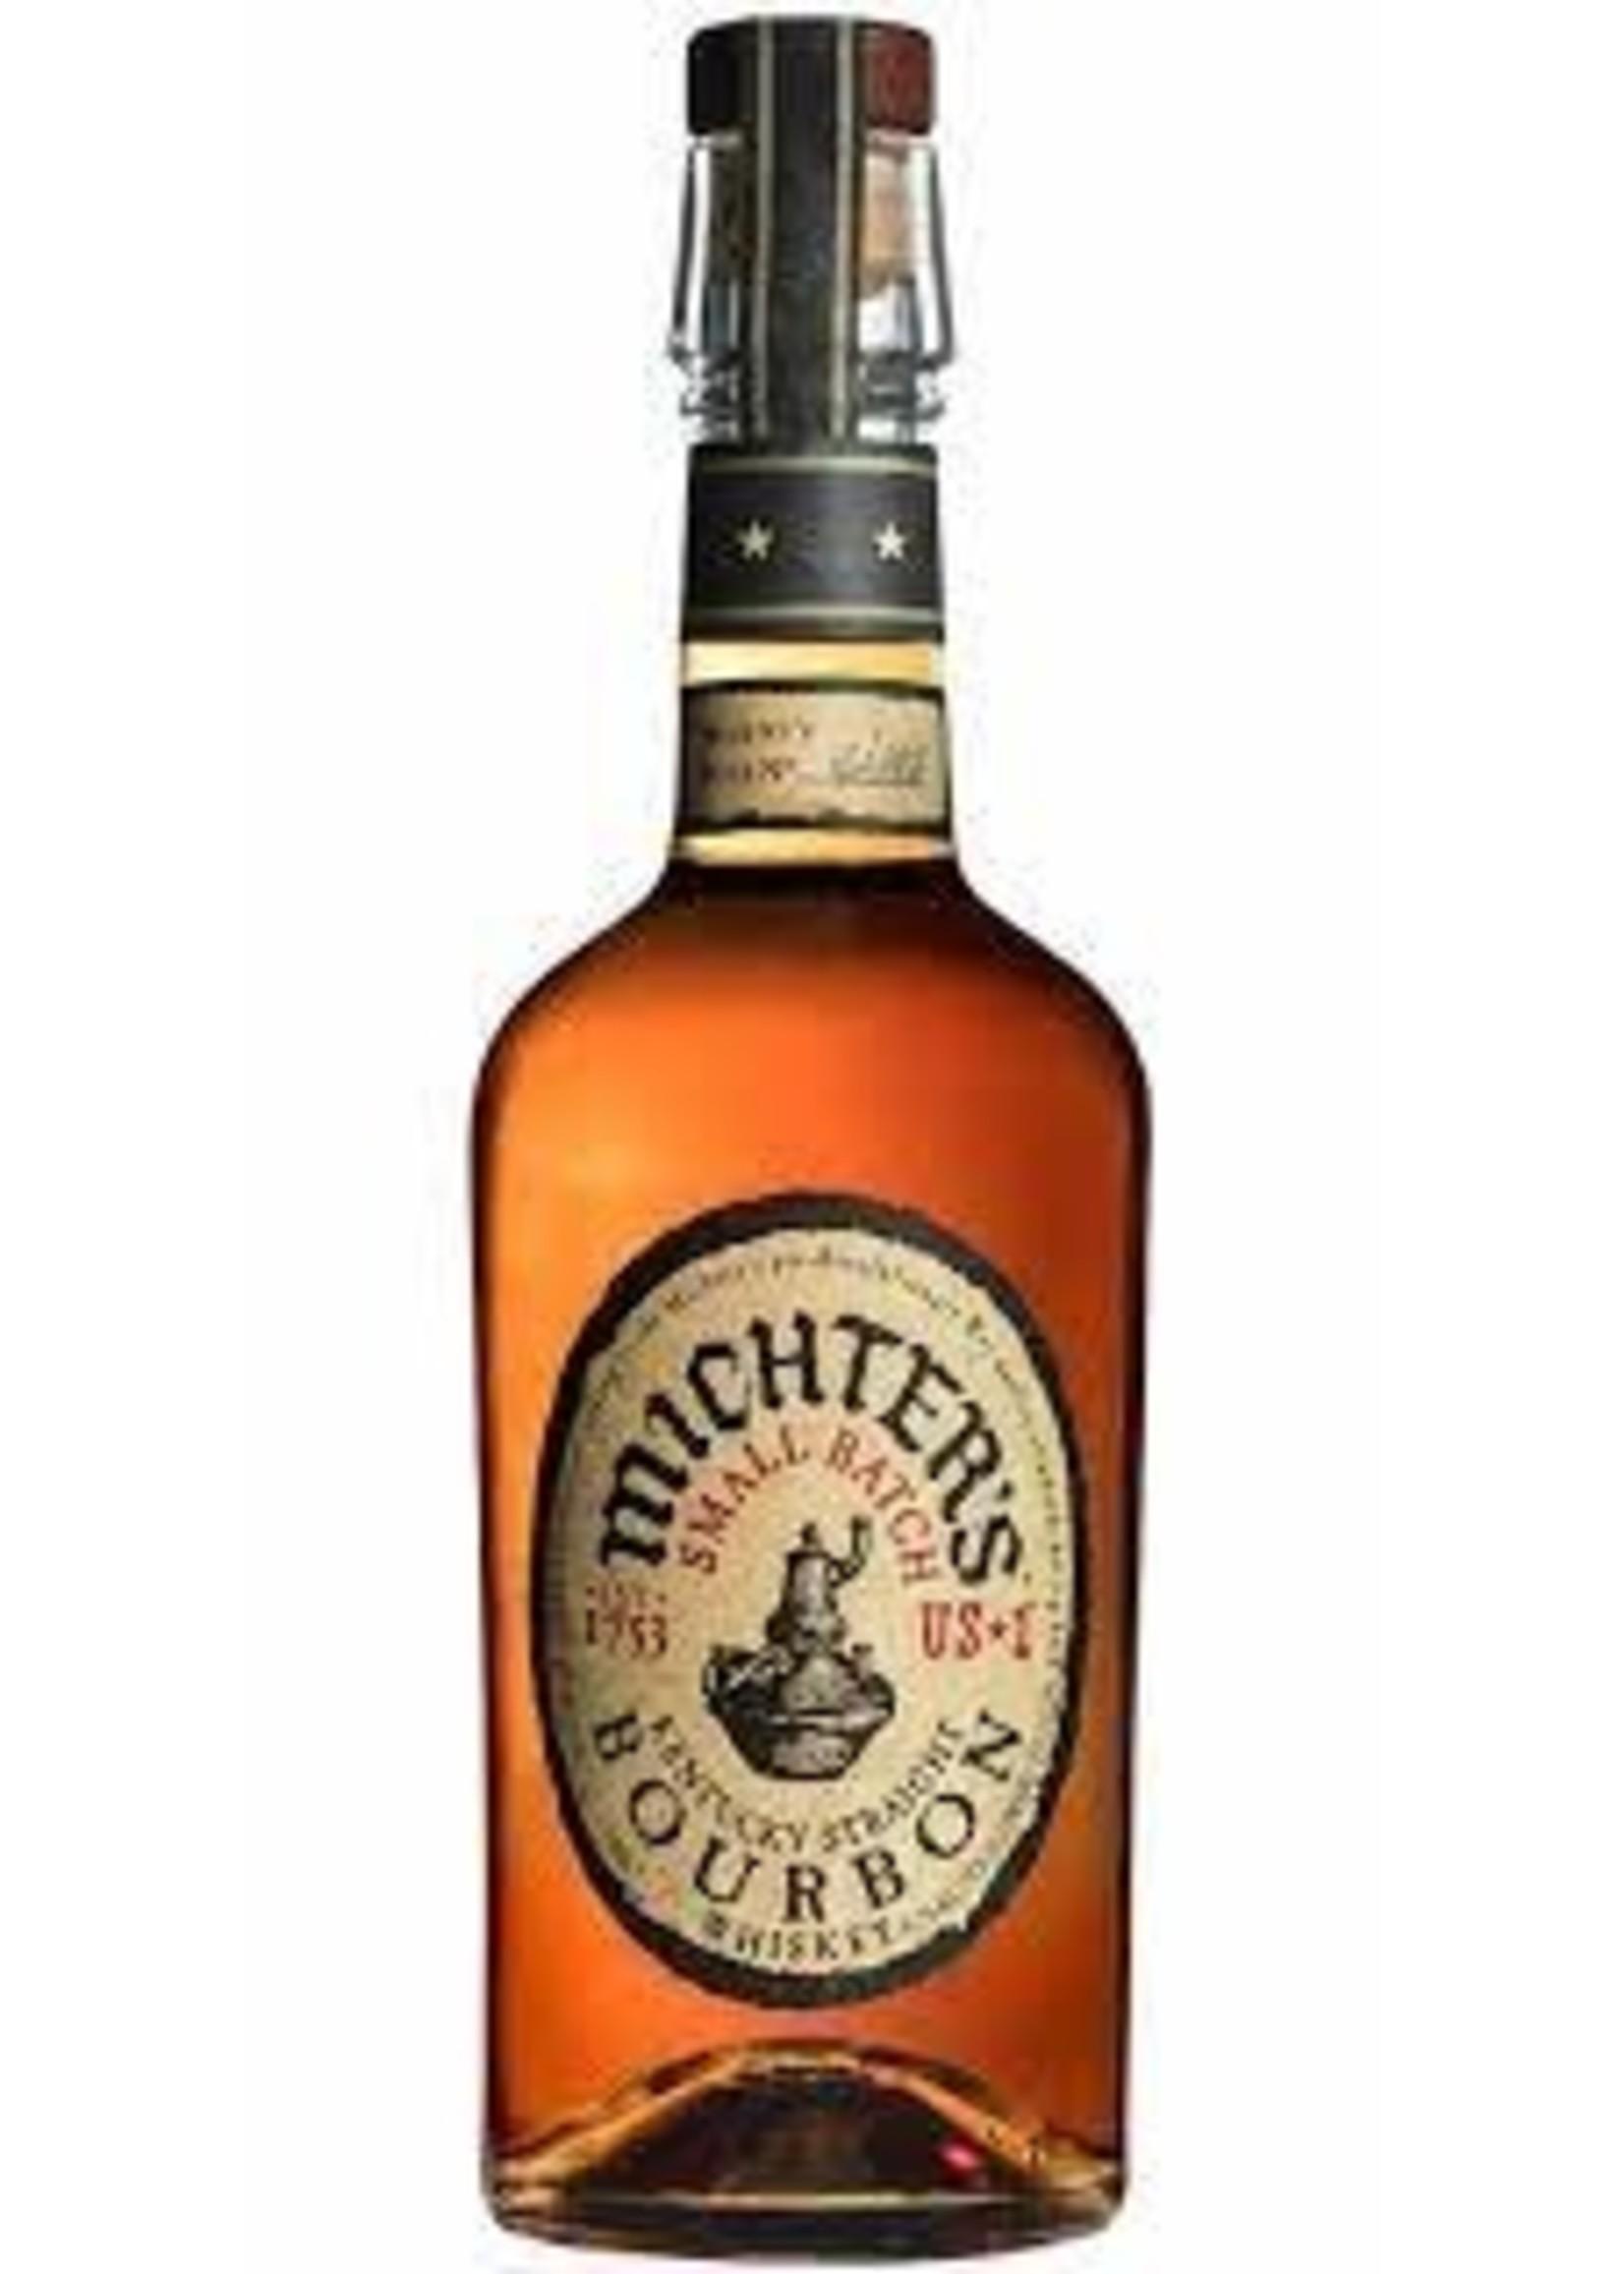 Michter's US-1 Small Batch Bourbon 750ml